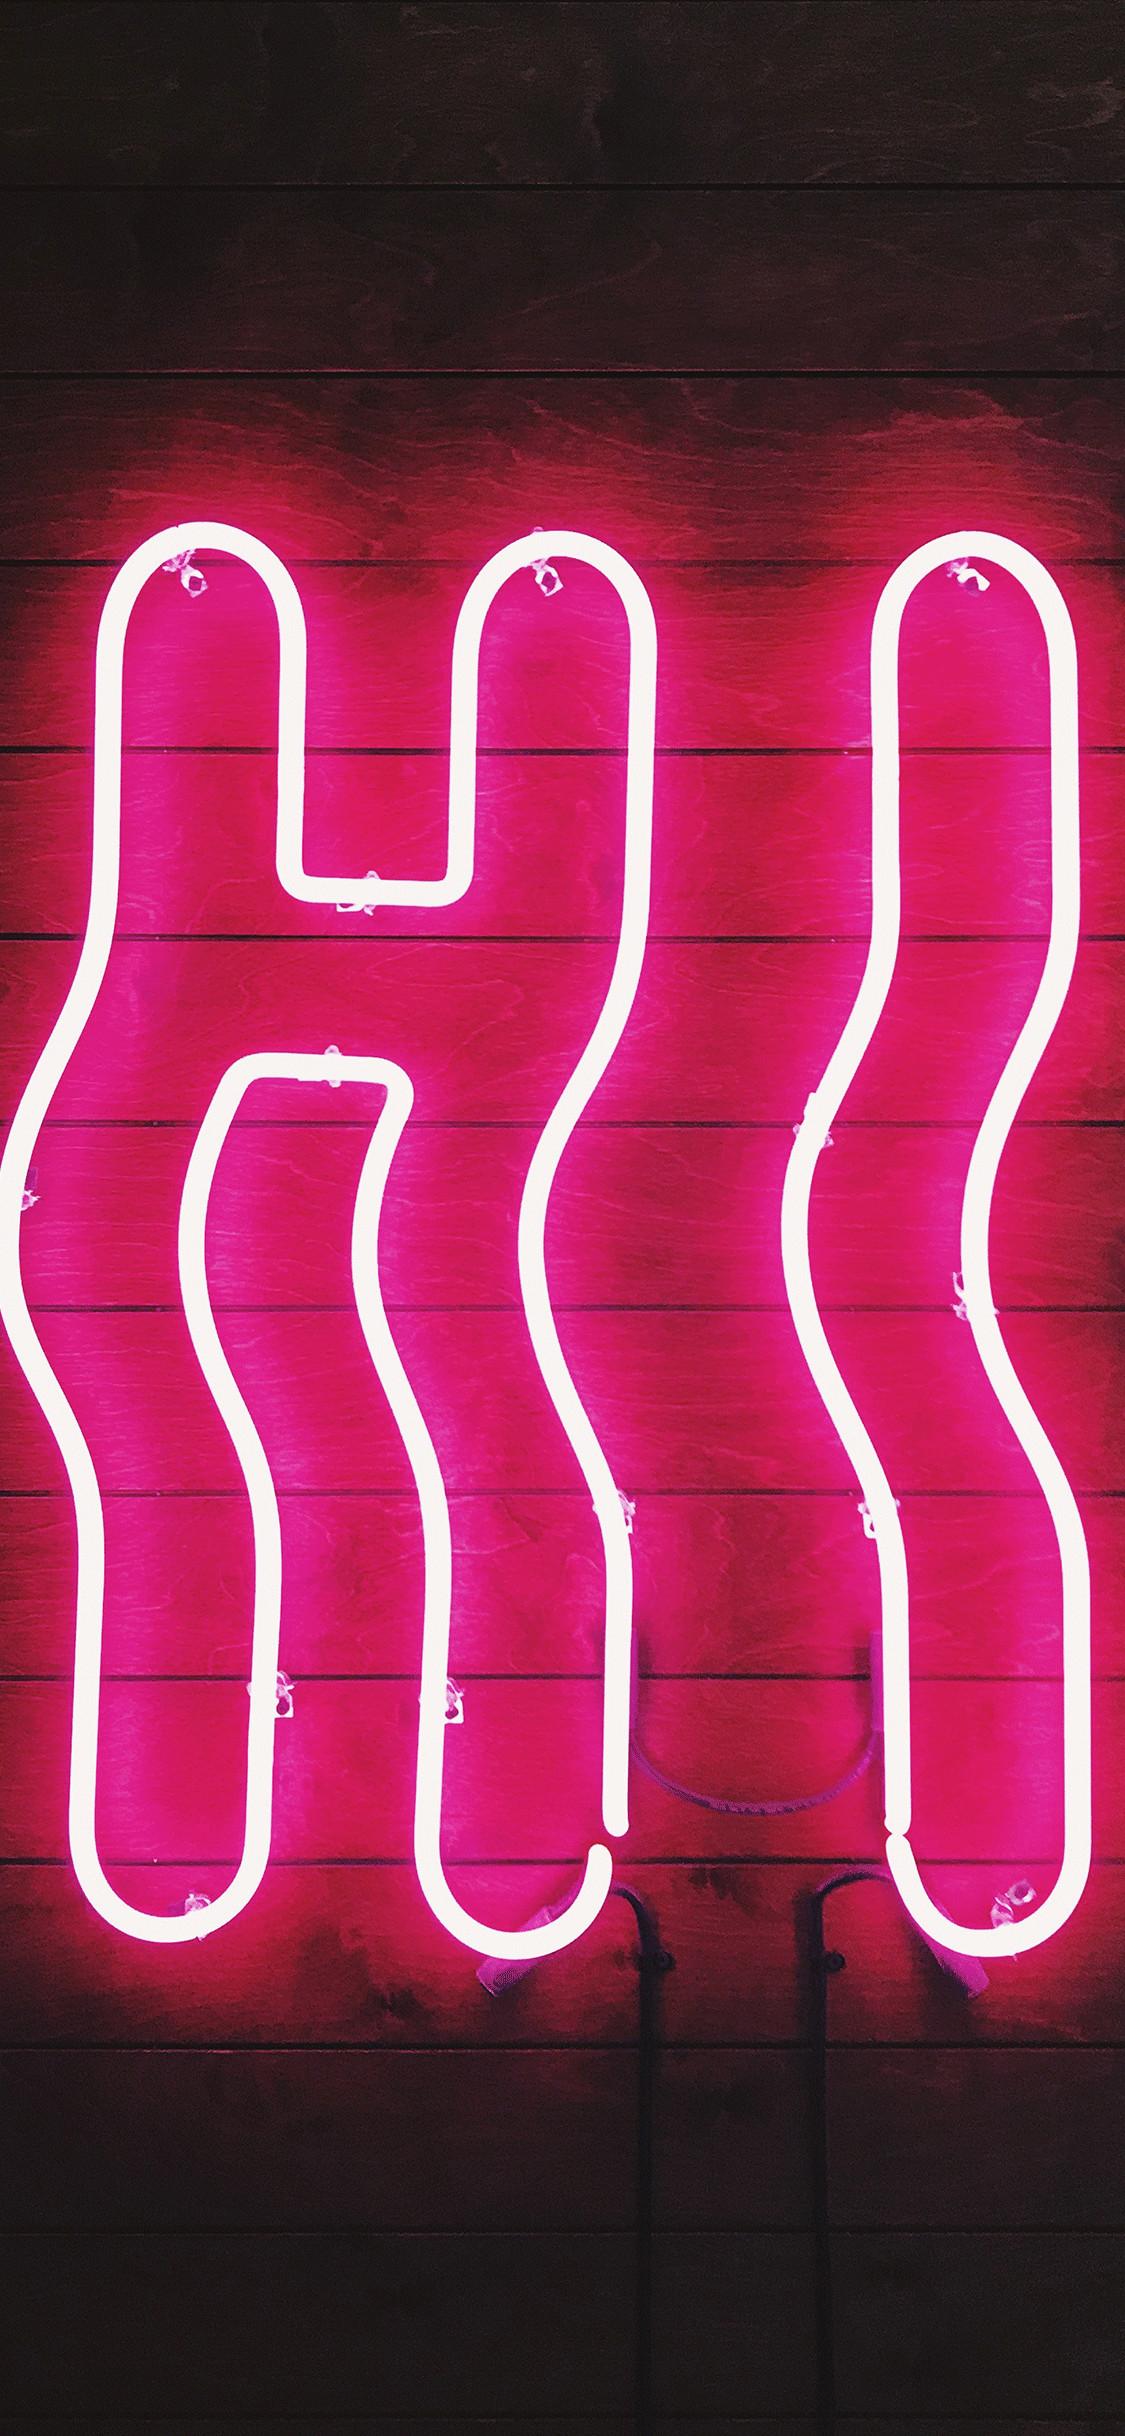 Iphone Wallpaper Neon Sign Hi Neon Sign   Data Src - Iphone Wallpaper Neon Lights - HD Wallpaper